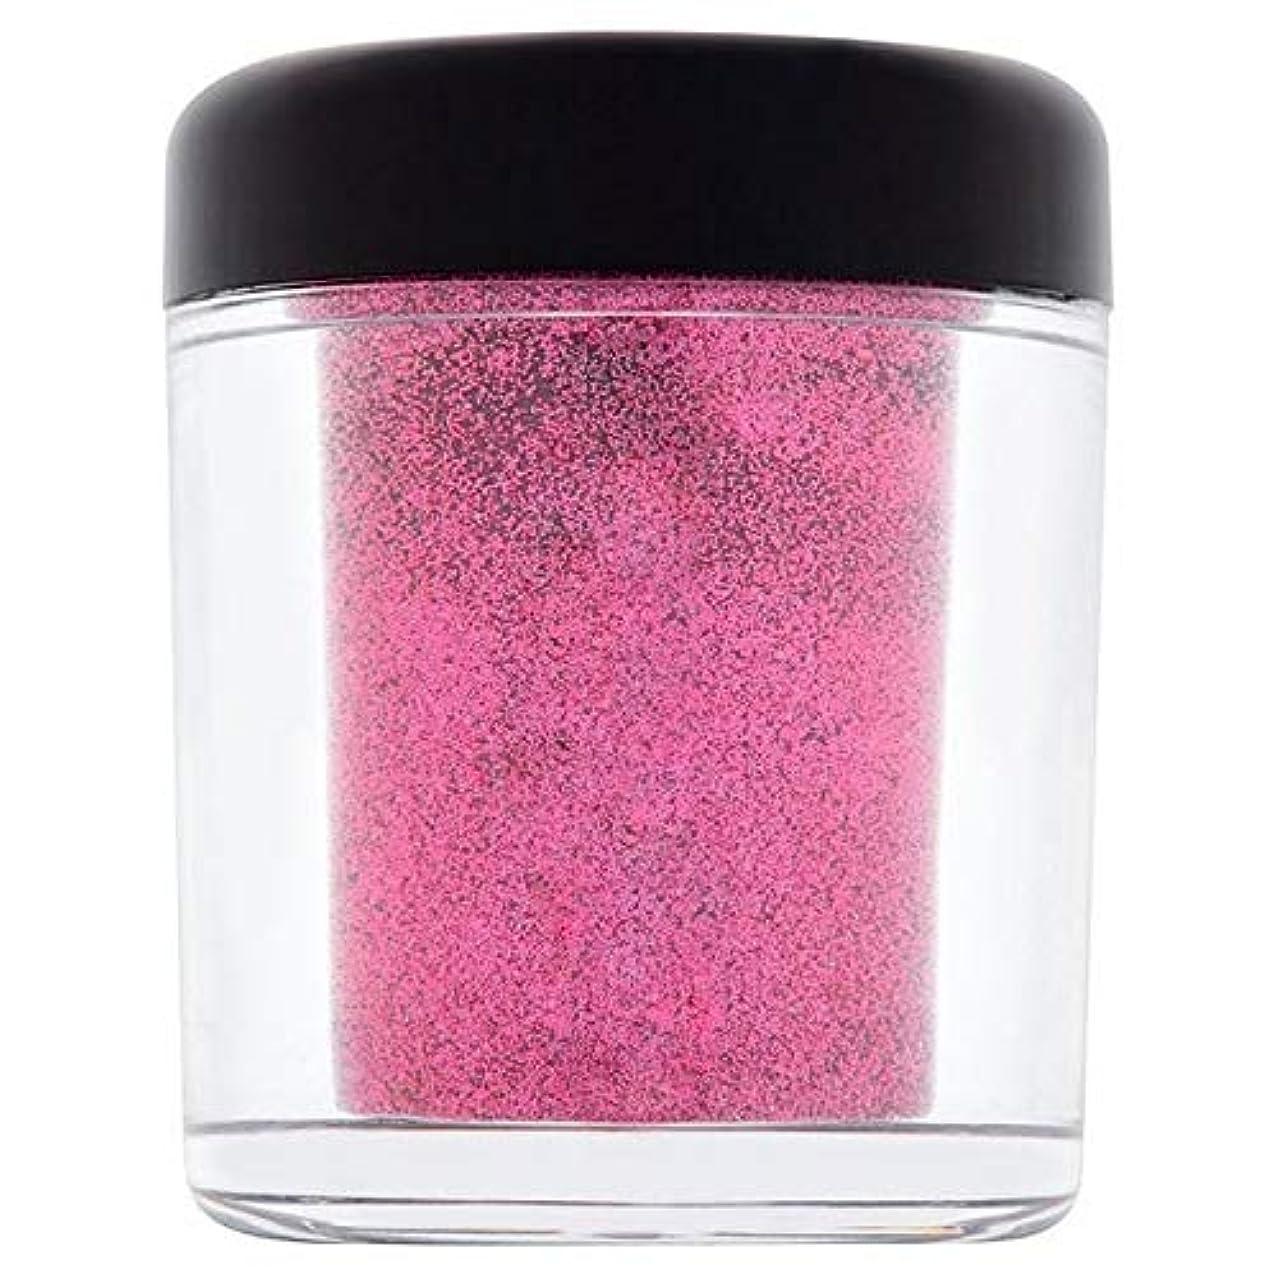 裸重力うつ[Collection ] 収集グラムの結晶フェイス&ボディグリッター誘惑4 - Collection Glam Crystals Face & Body Glitter Temptation 4 [並行輸入品]